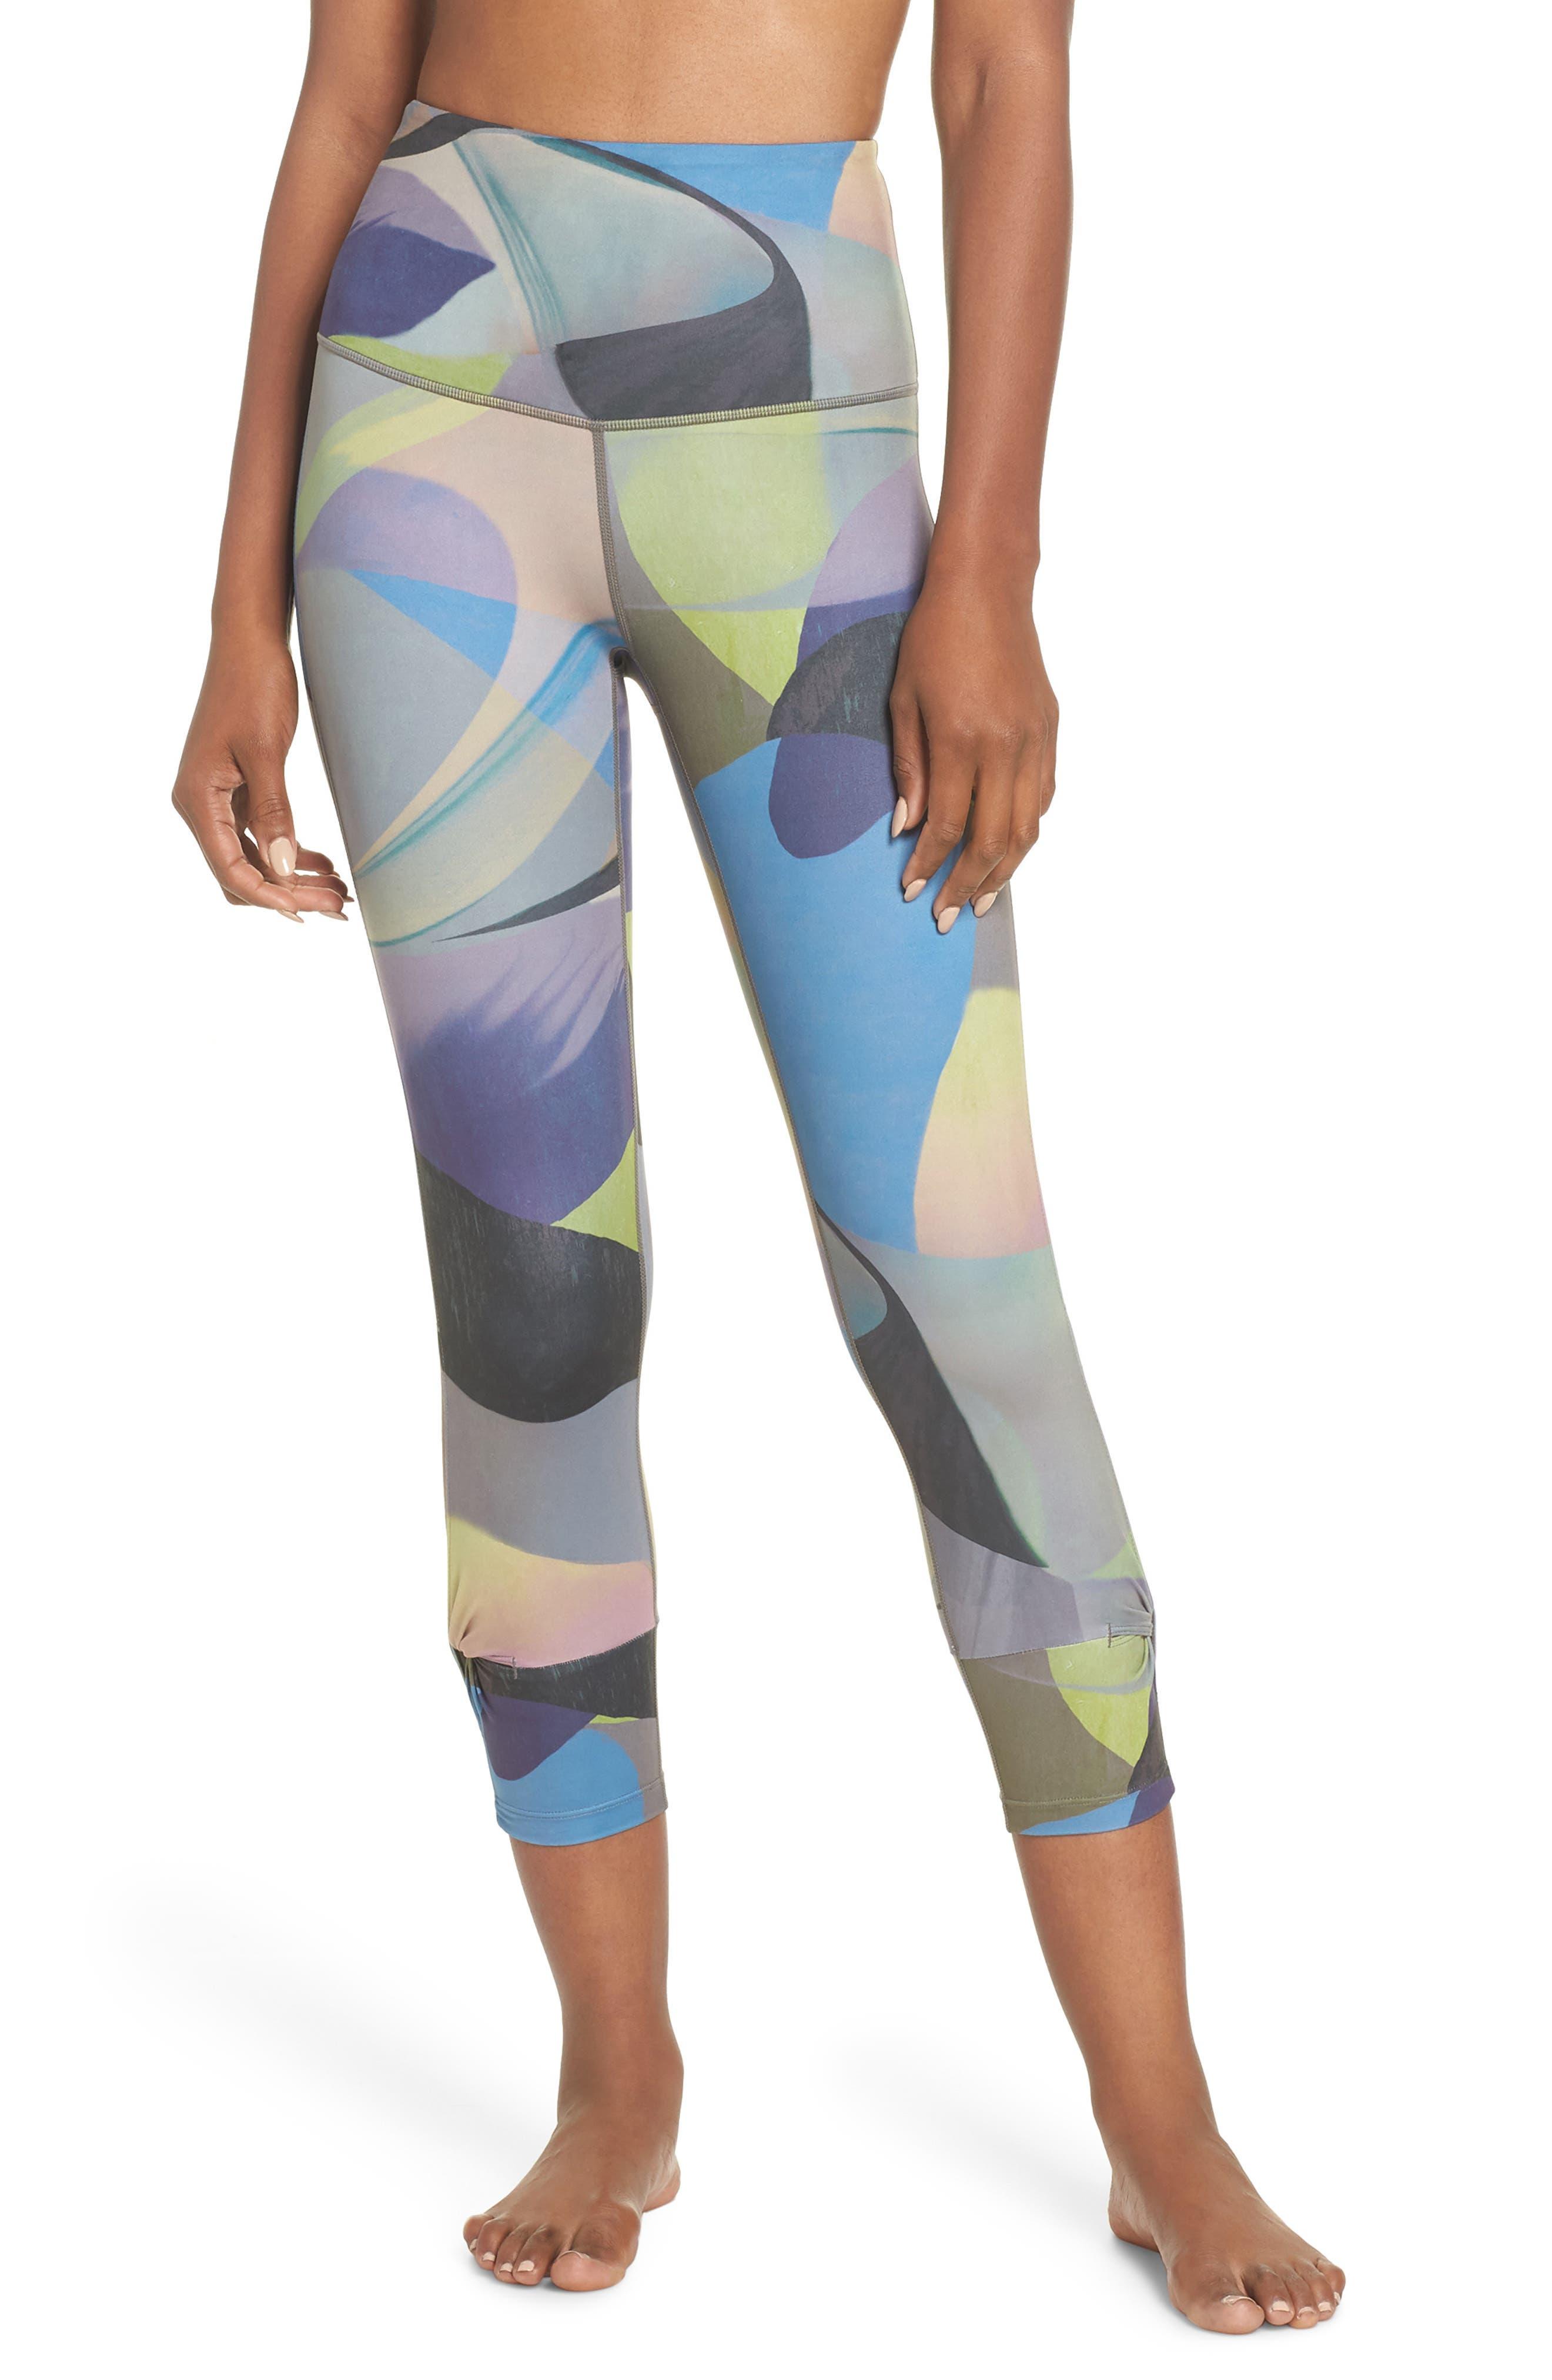 Katya High Waist Abstract Print Recycled Crop Leggings,                             Main thumbnail 1, color,                             GREY URBAN ABSTRACT BOTANICAL